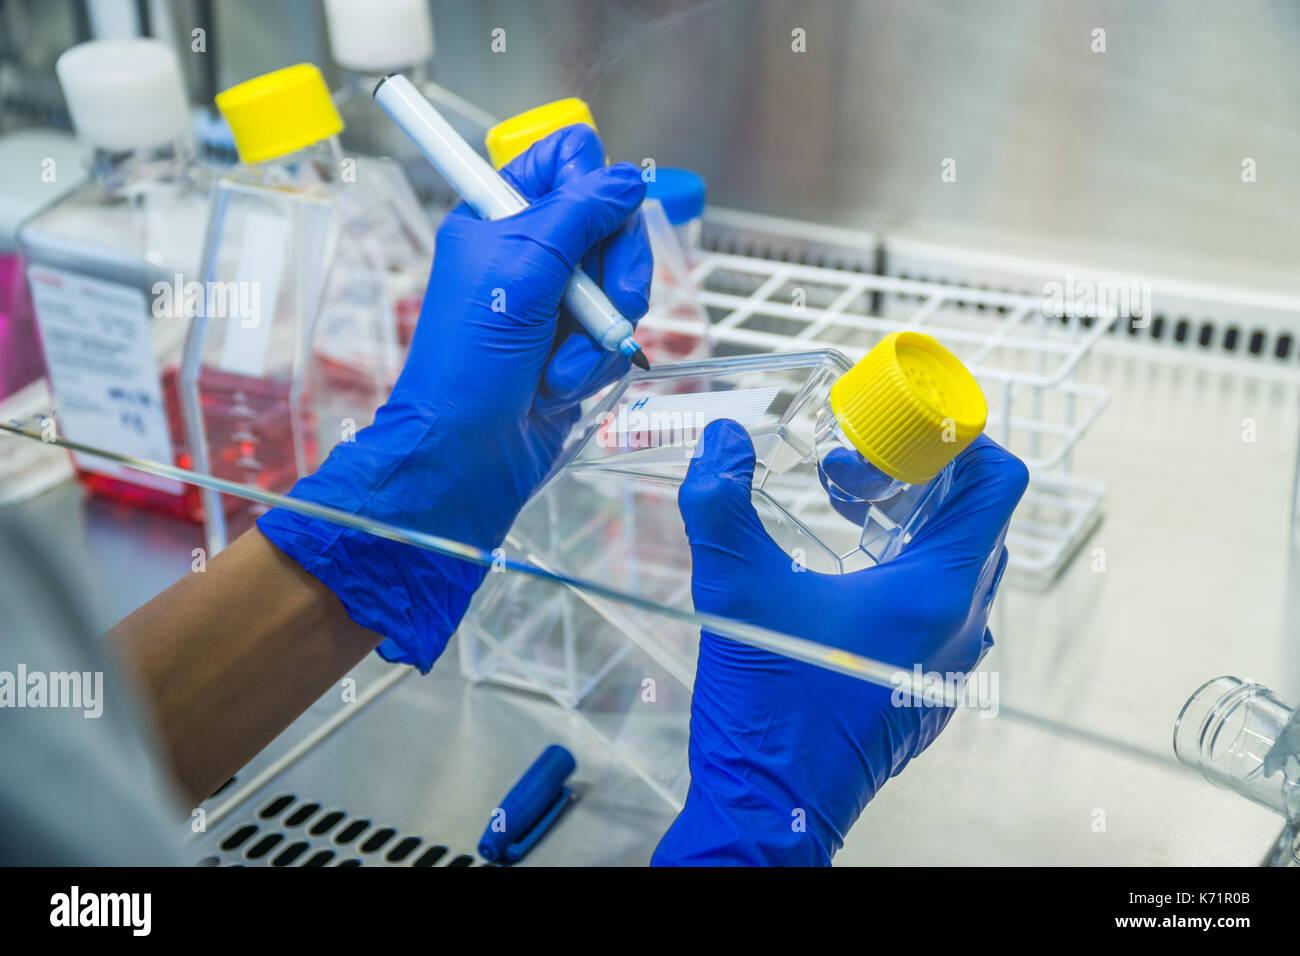 Le travail en laboratoire à l'étiquetage. Banque stérile flacons de culture cellulaire de cellules de travail partage.. Photo Stock